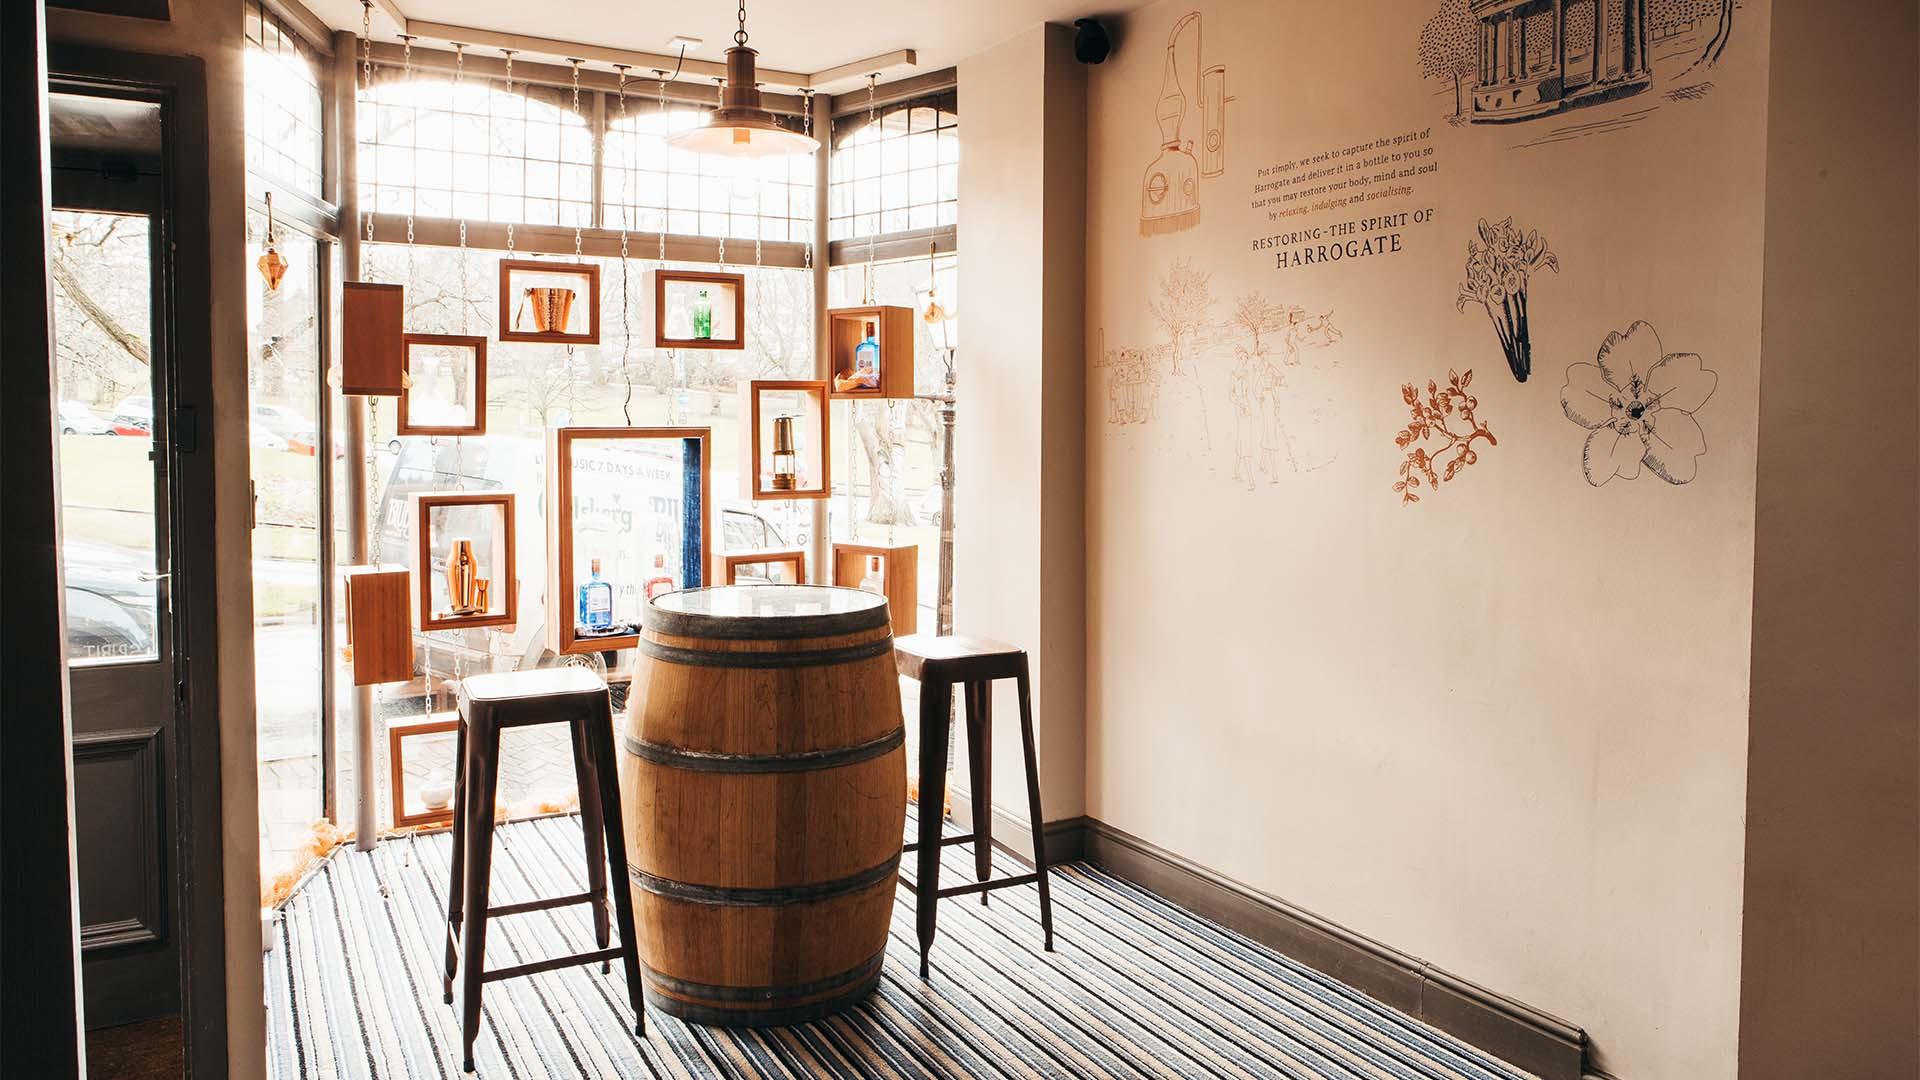 Slingsby distillery tasting room